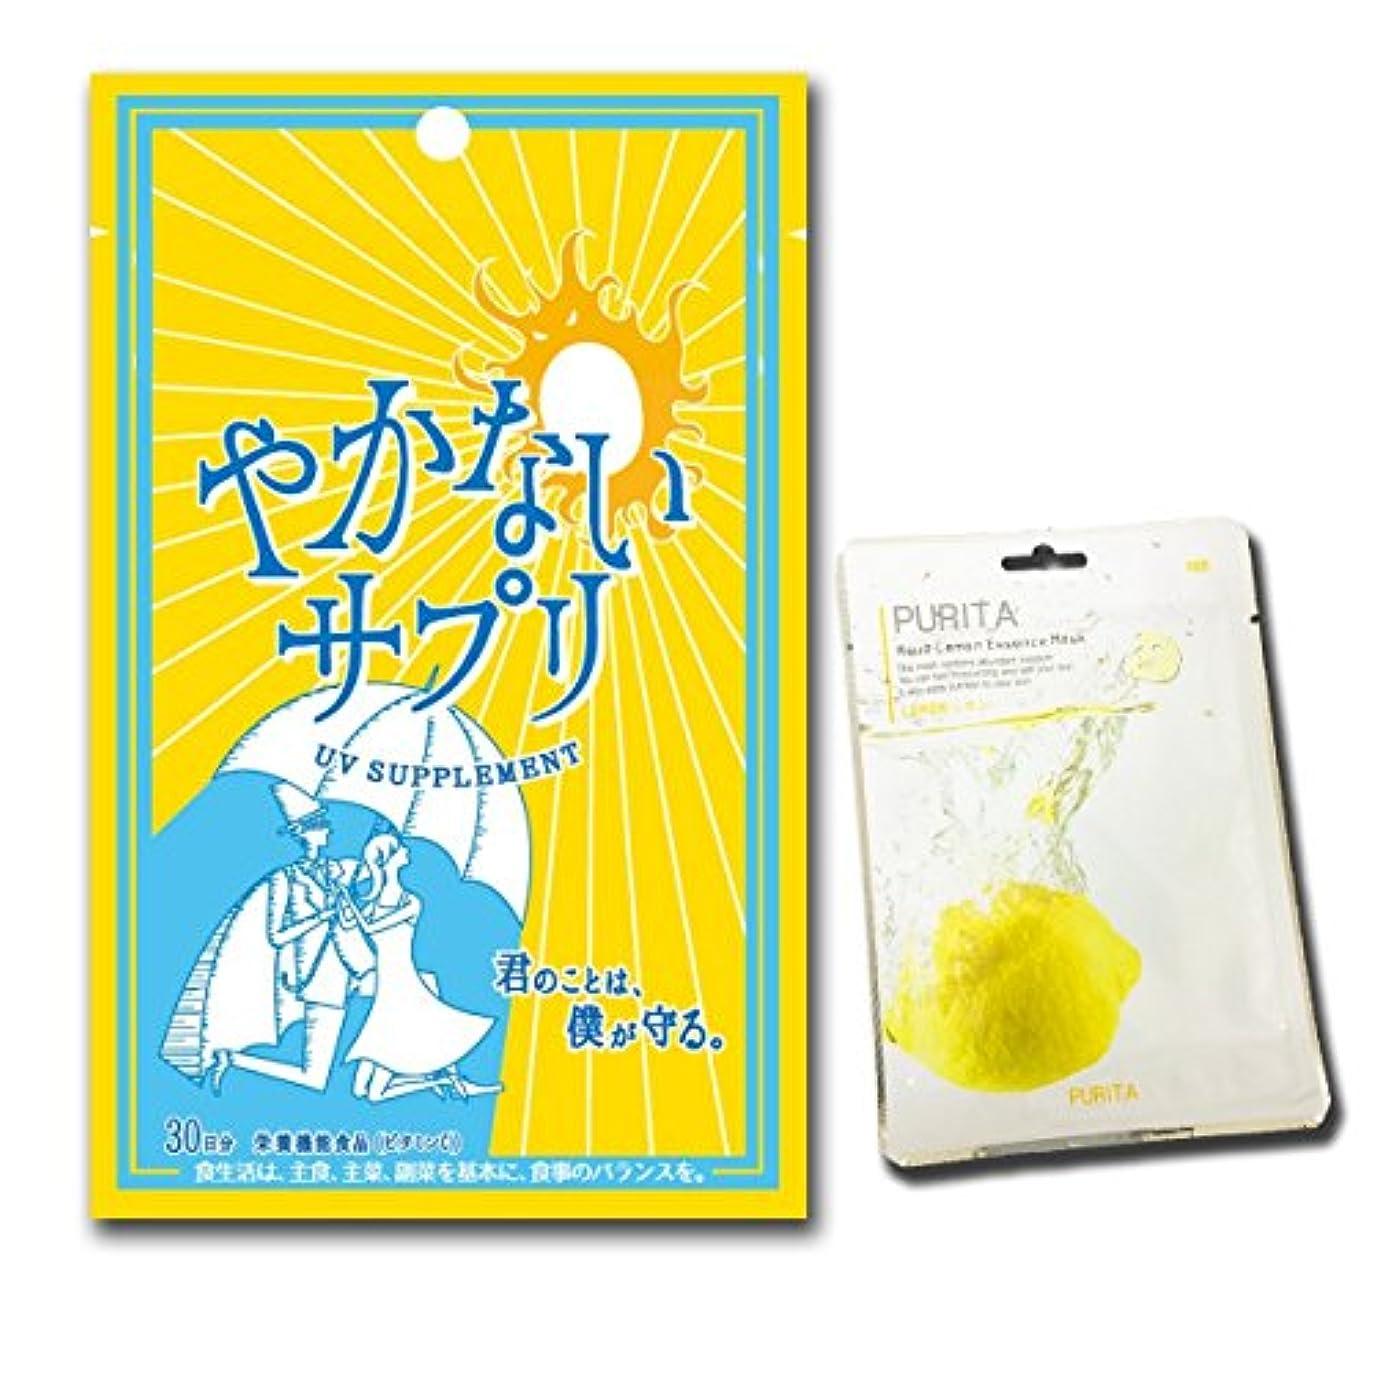 滑り台爪衣服飲む日焼け止め やかないサプリ 日本製 (30粒/30日分) PURITAフェイスマスク1枚付